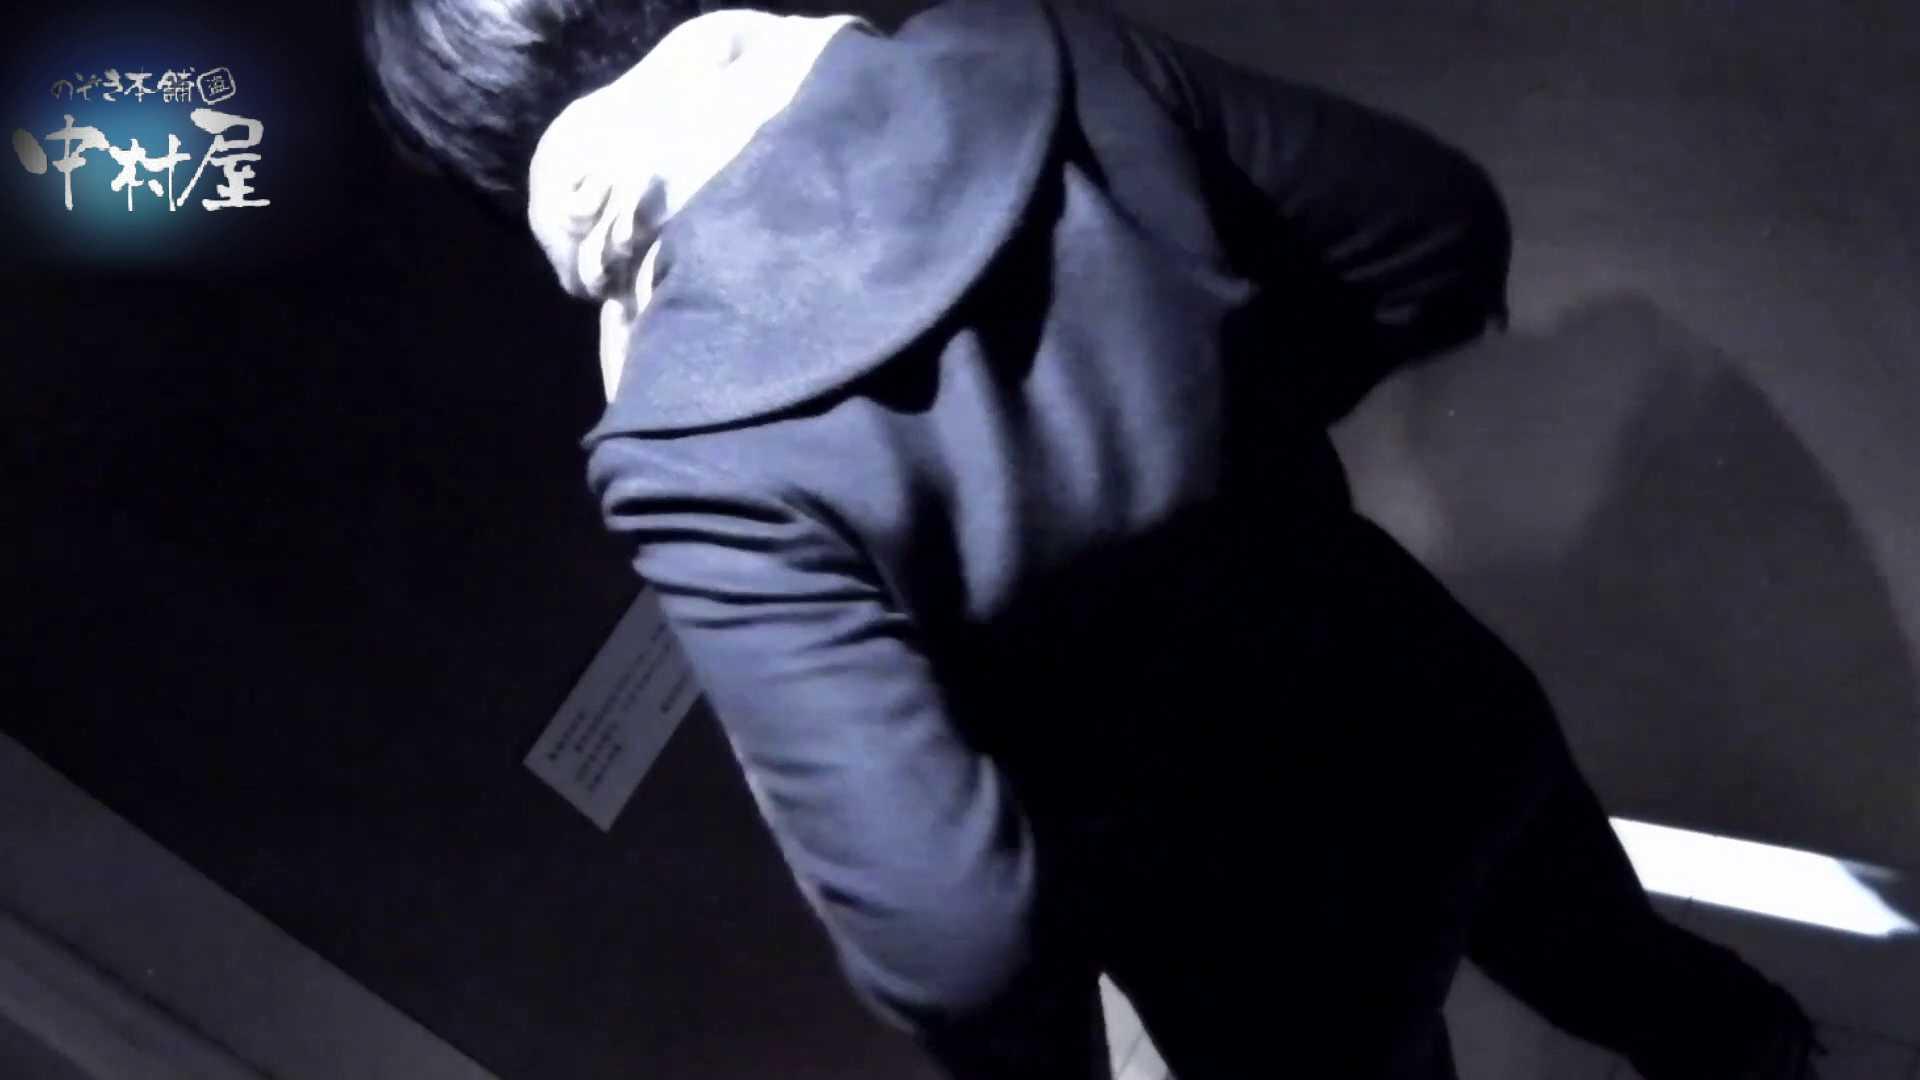 乙女集まる!ショッピングモール潜入撮vol.03 丸見え 覗きスケベ動画紹介 63画像 59